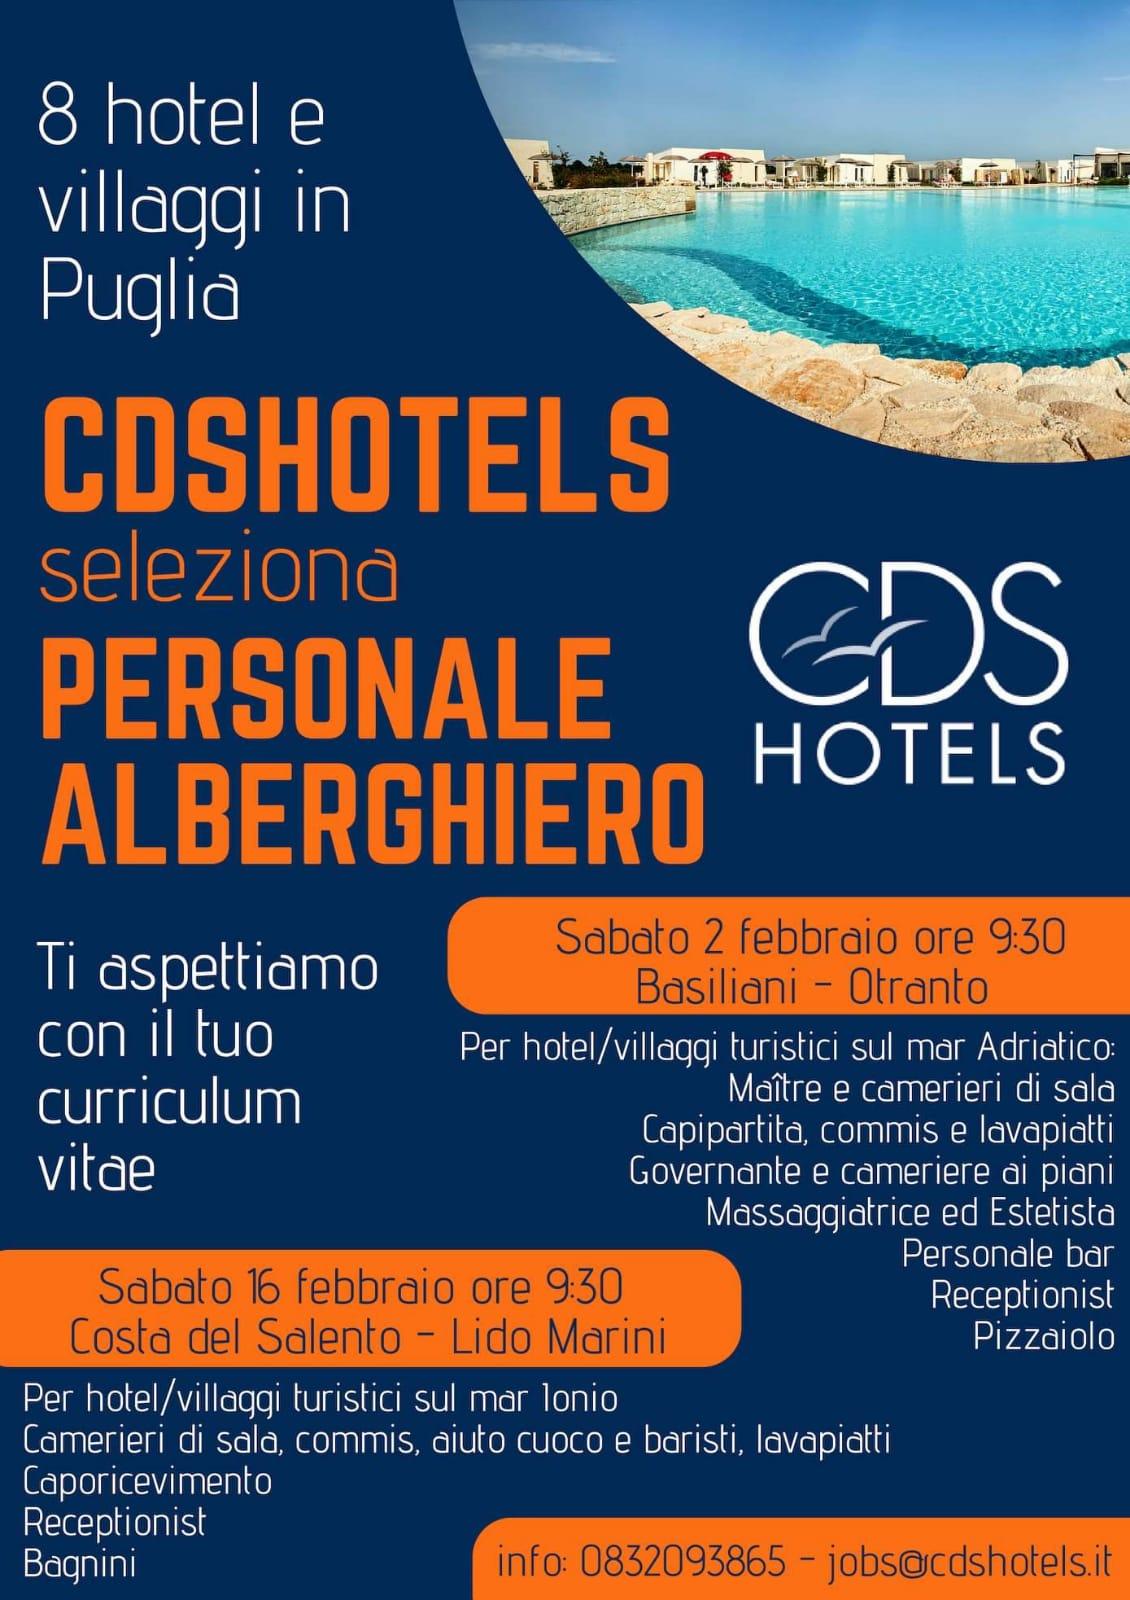 CDSHotels SELEZIONA PERSONALE ALBERGHIERO